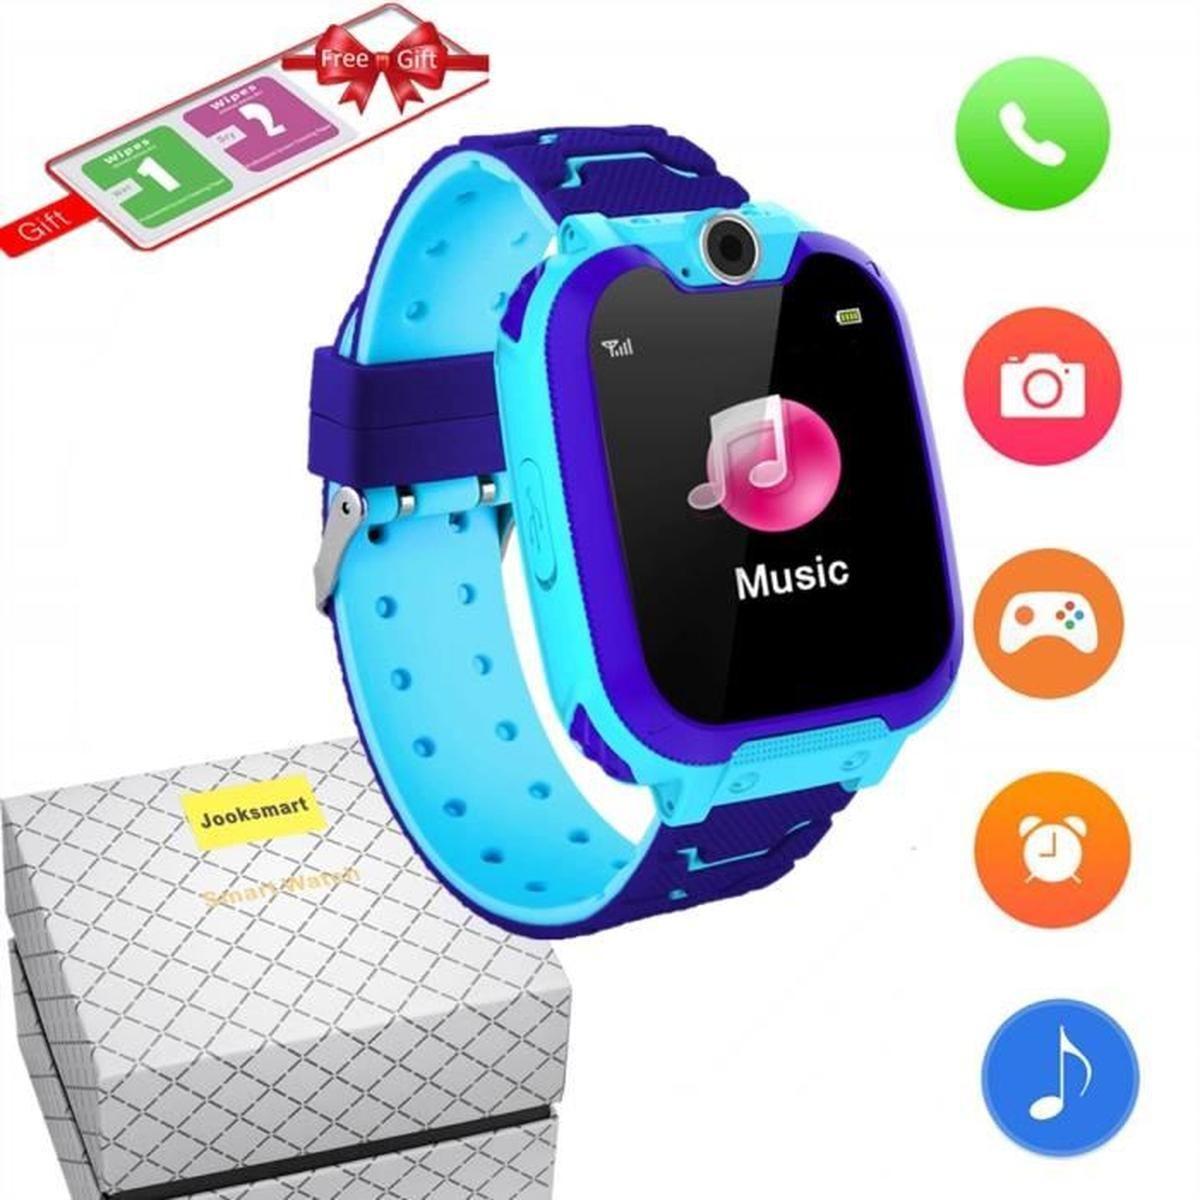 Jooksmart Montre Connectée Enfant Téléphone Smartwatch Jeu serapportantà Jeux Intelligents Pour Enfants